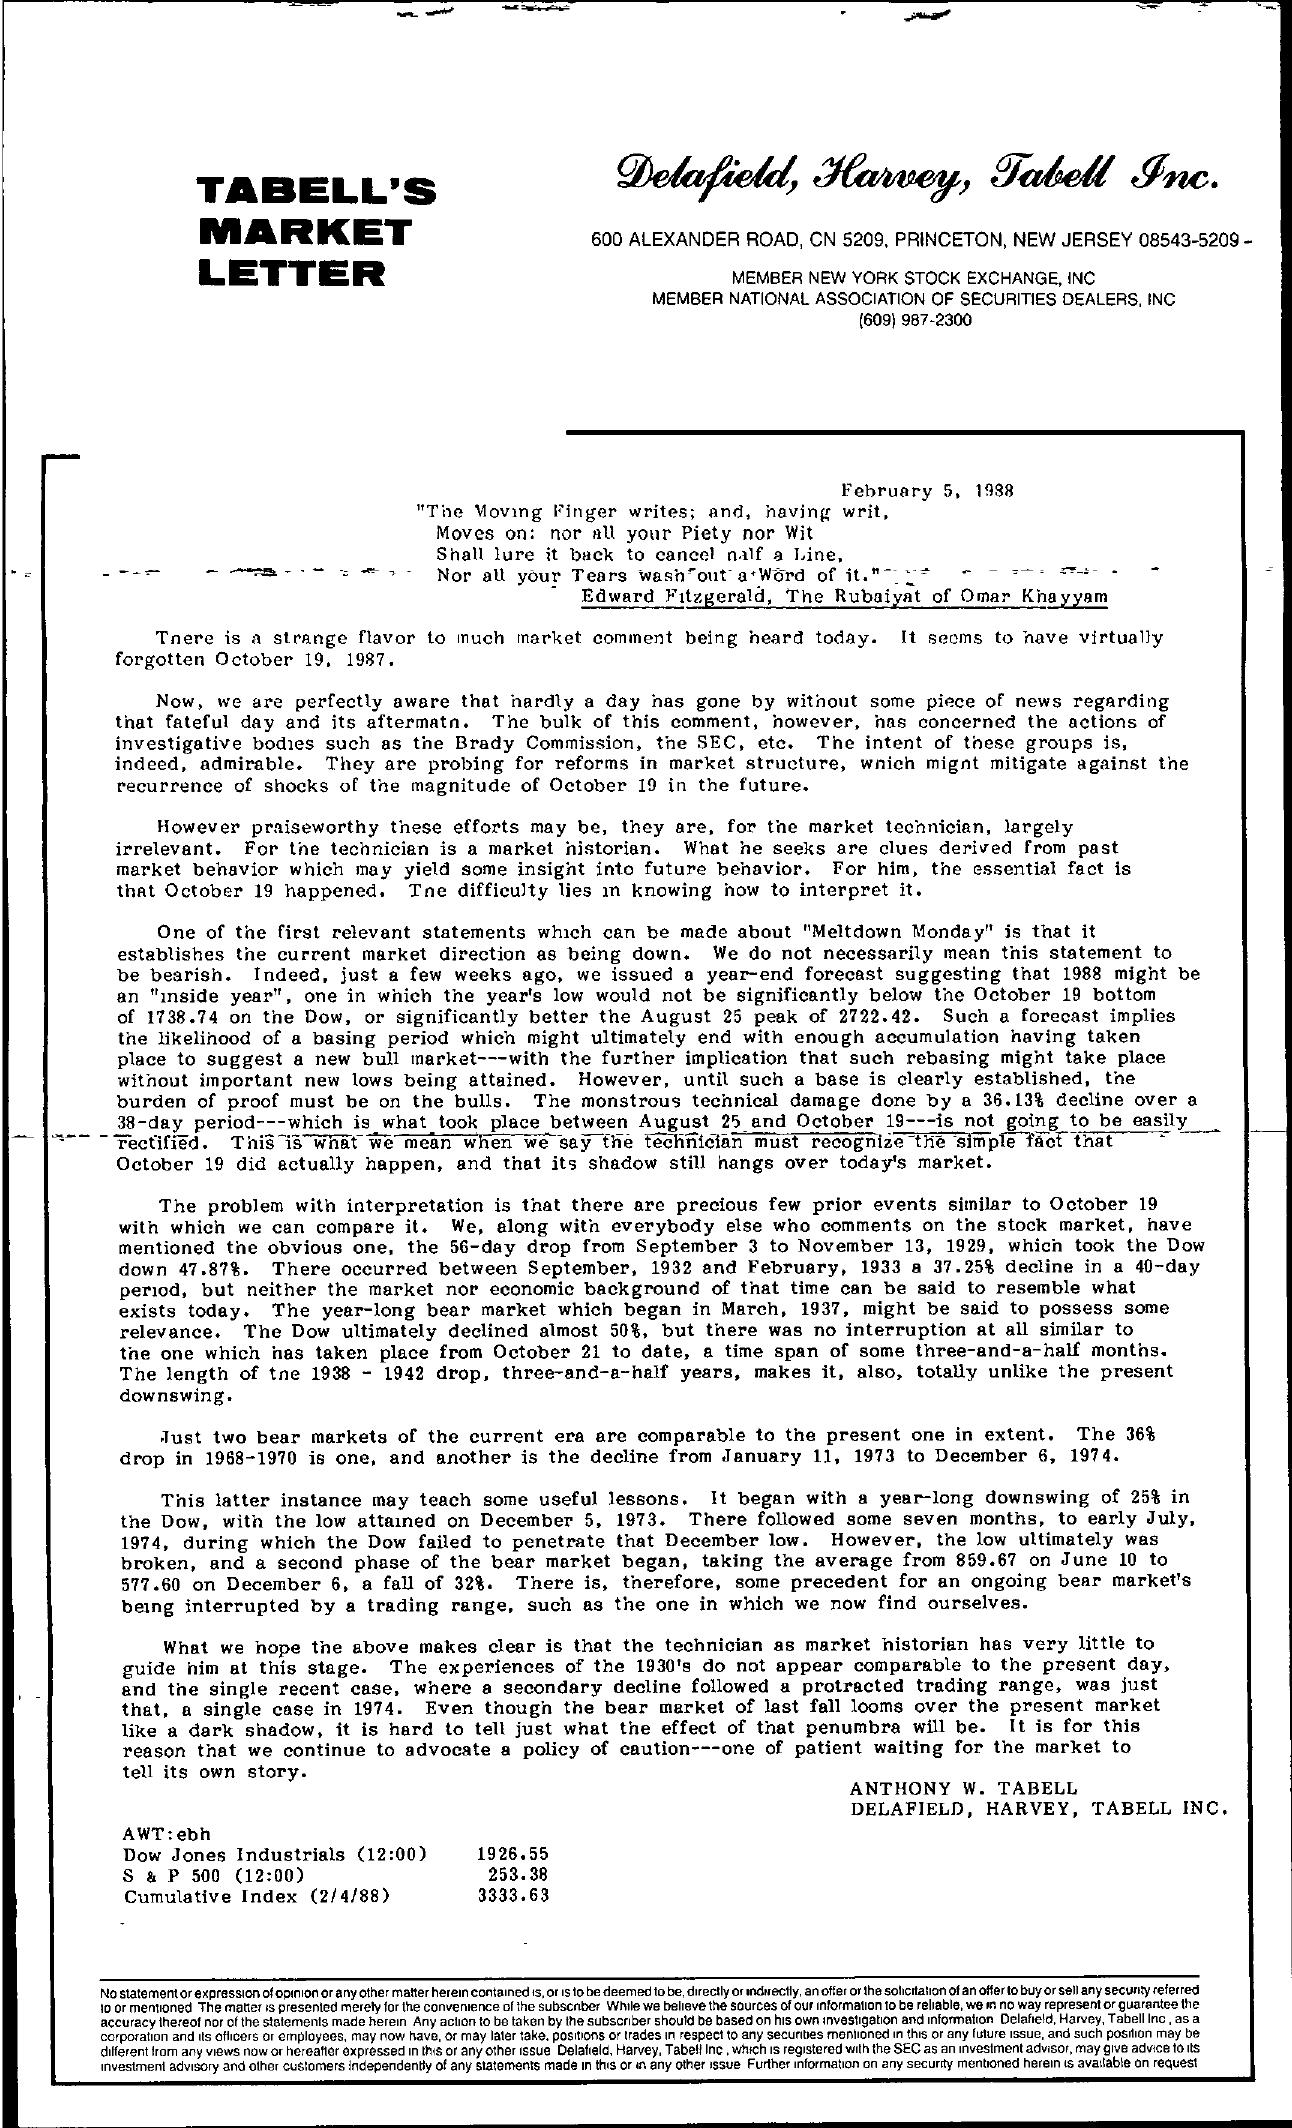 Tabell's Market Letter - February 05, 1988